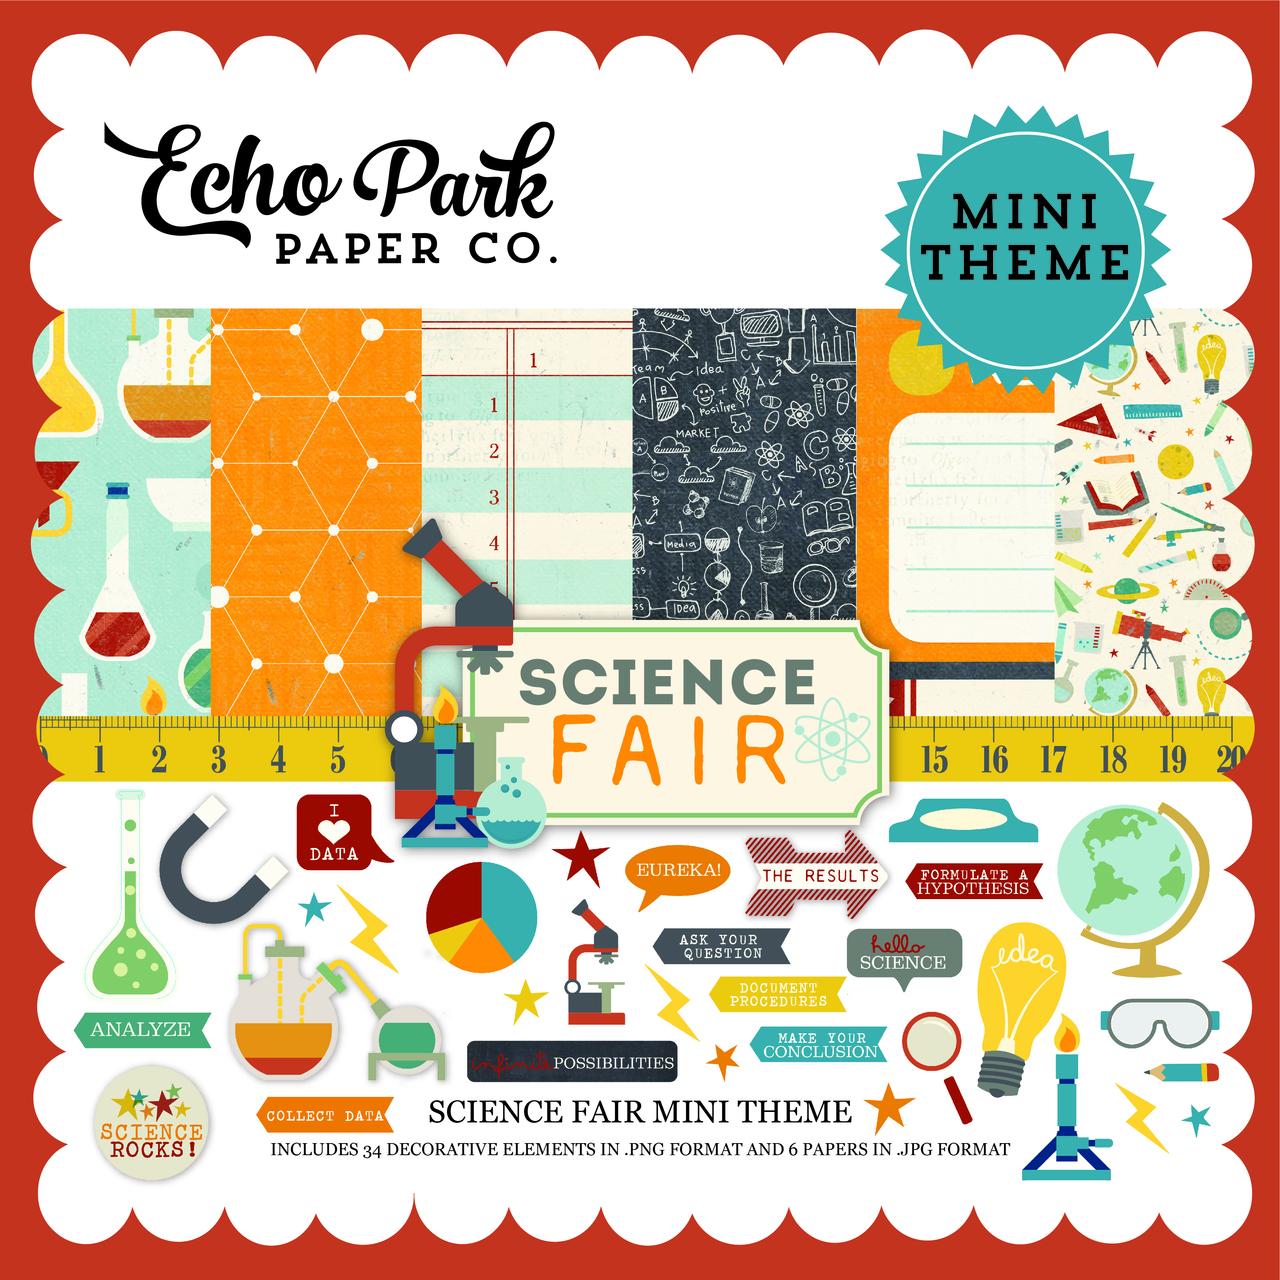 Science Fair Mini Theme